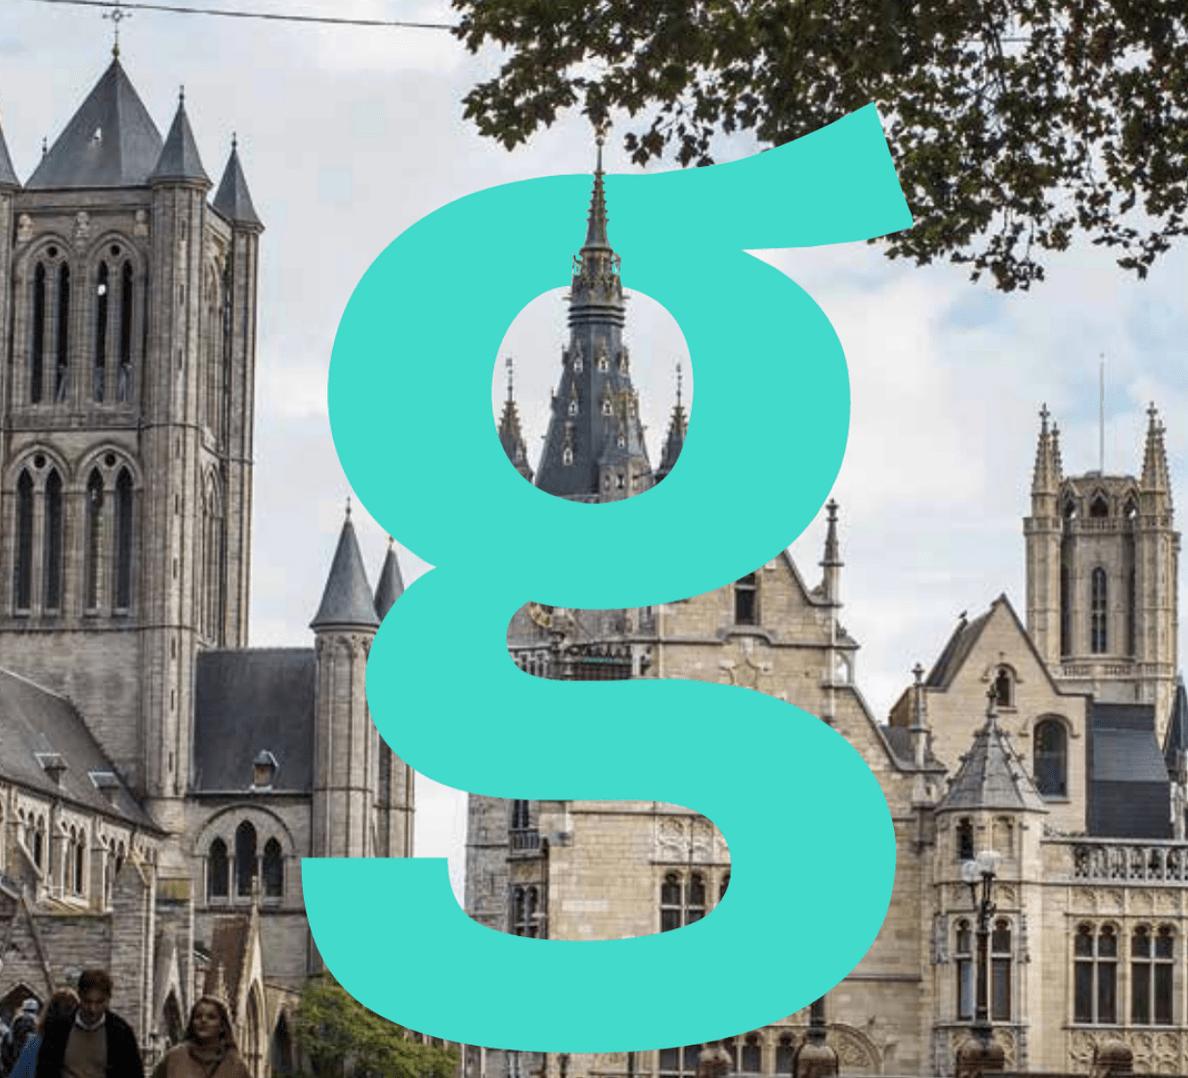 Contentmarketing en copywriting Het Schrijfhok voor stadgids in opdracht van Visit Gent, citymarketing